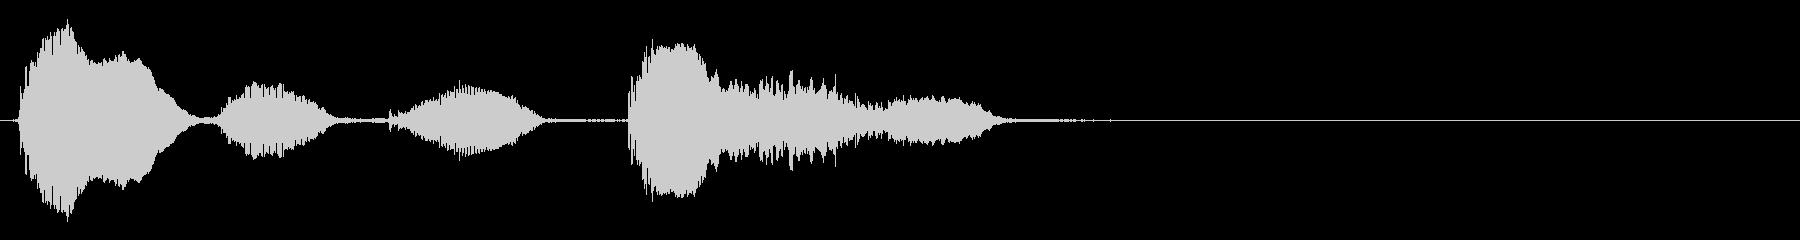 バイオリン:トーキングアクセント、...の未再生の波形